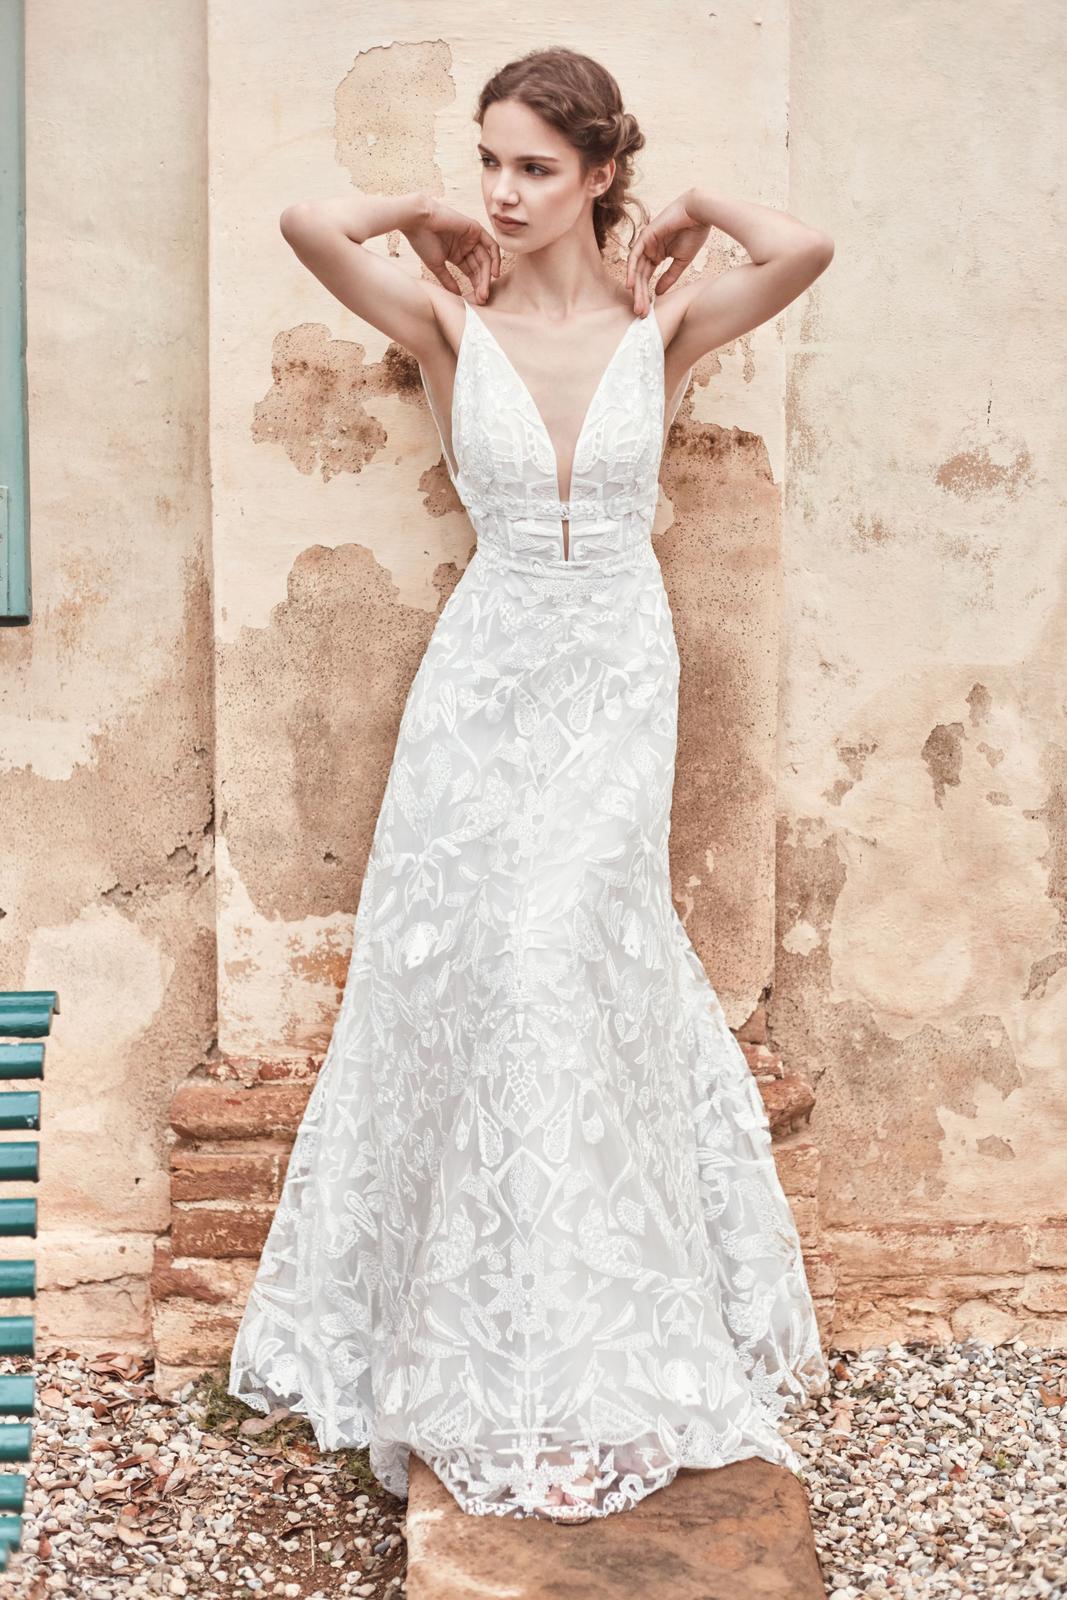 Anna Kara * Svadobné šaty z kolekcií na rok 2019 - Obrázok č. 78